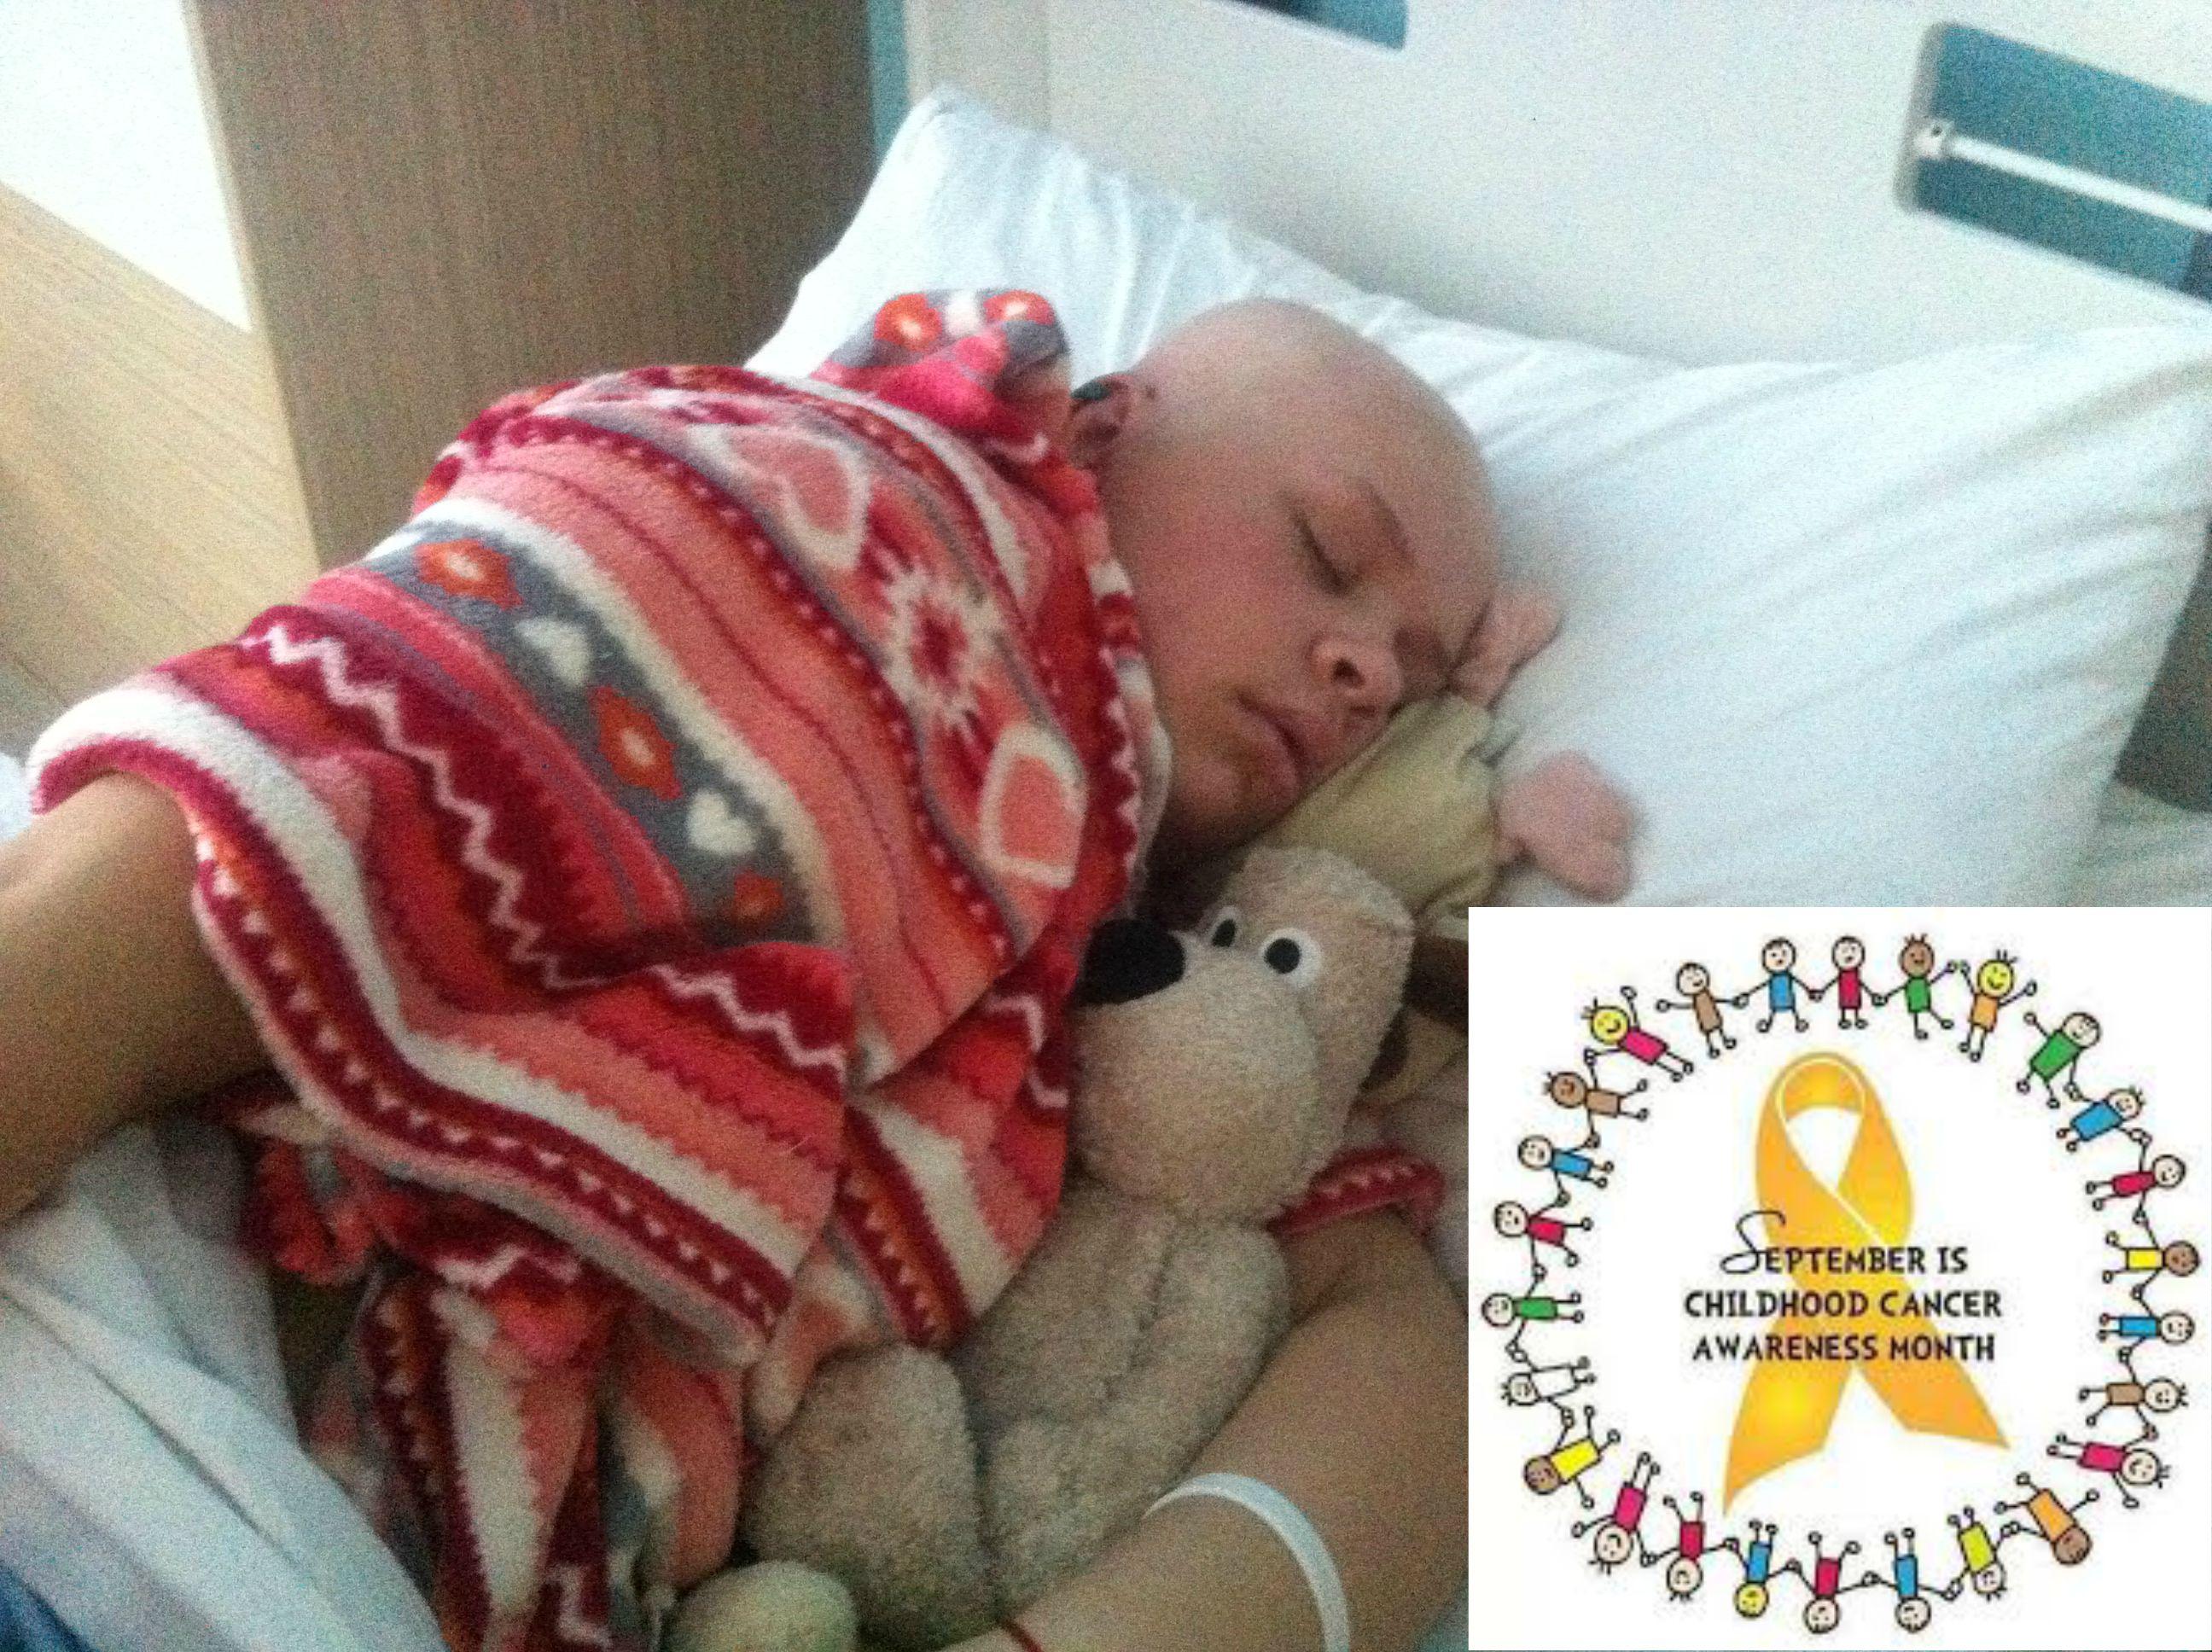 Leah asleep - awareness month